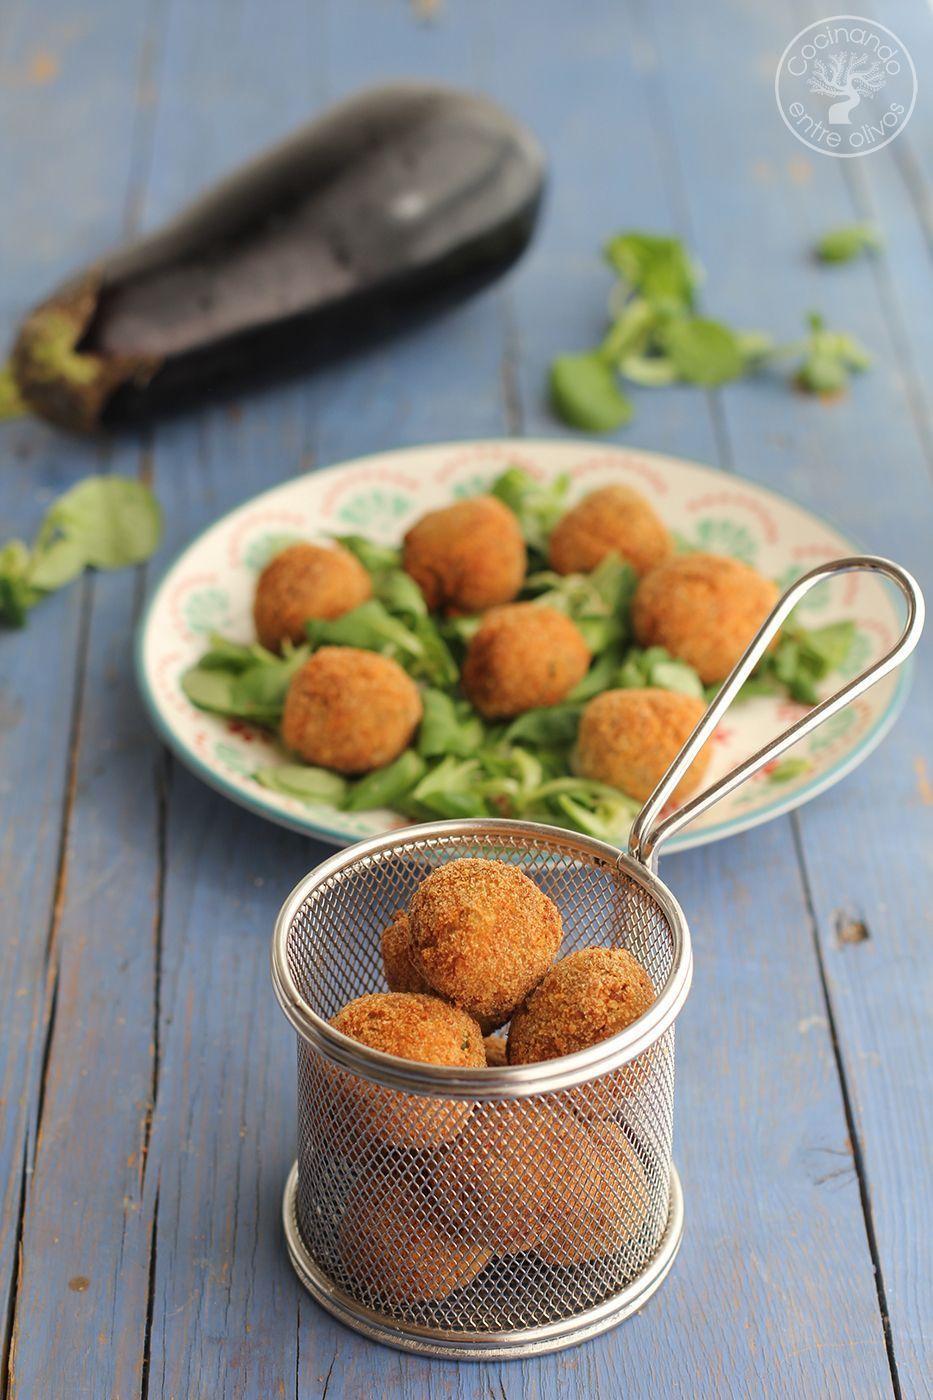 Alb ndigas de berenjena y queso receta paso a paso cocinando entre olivos - Albondigas tradicionales ...